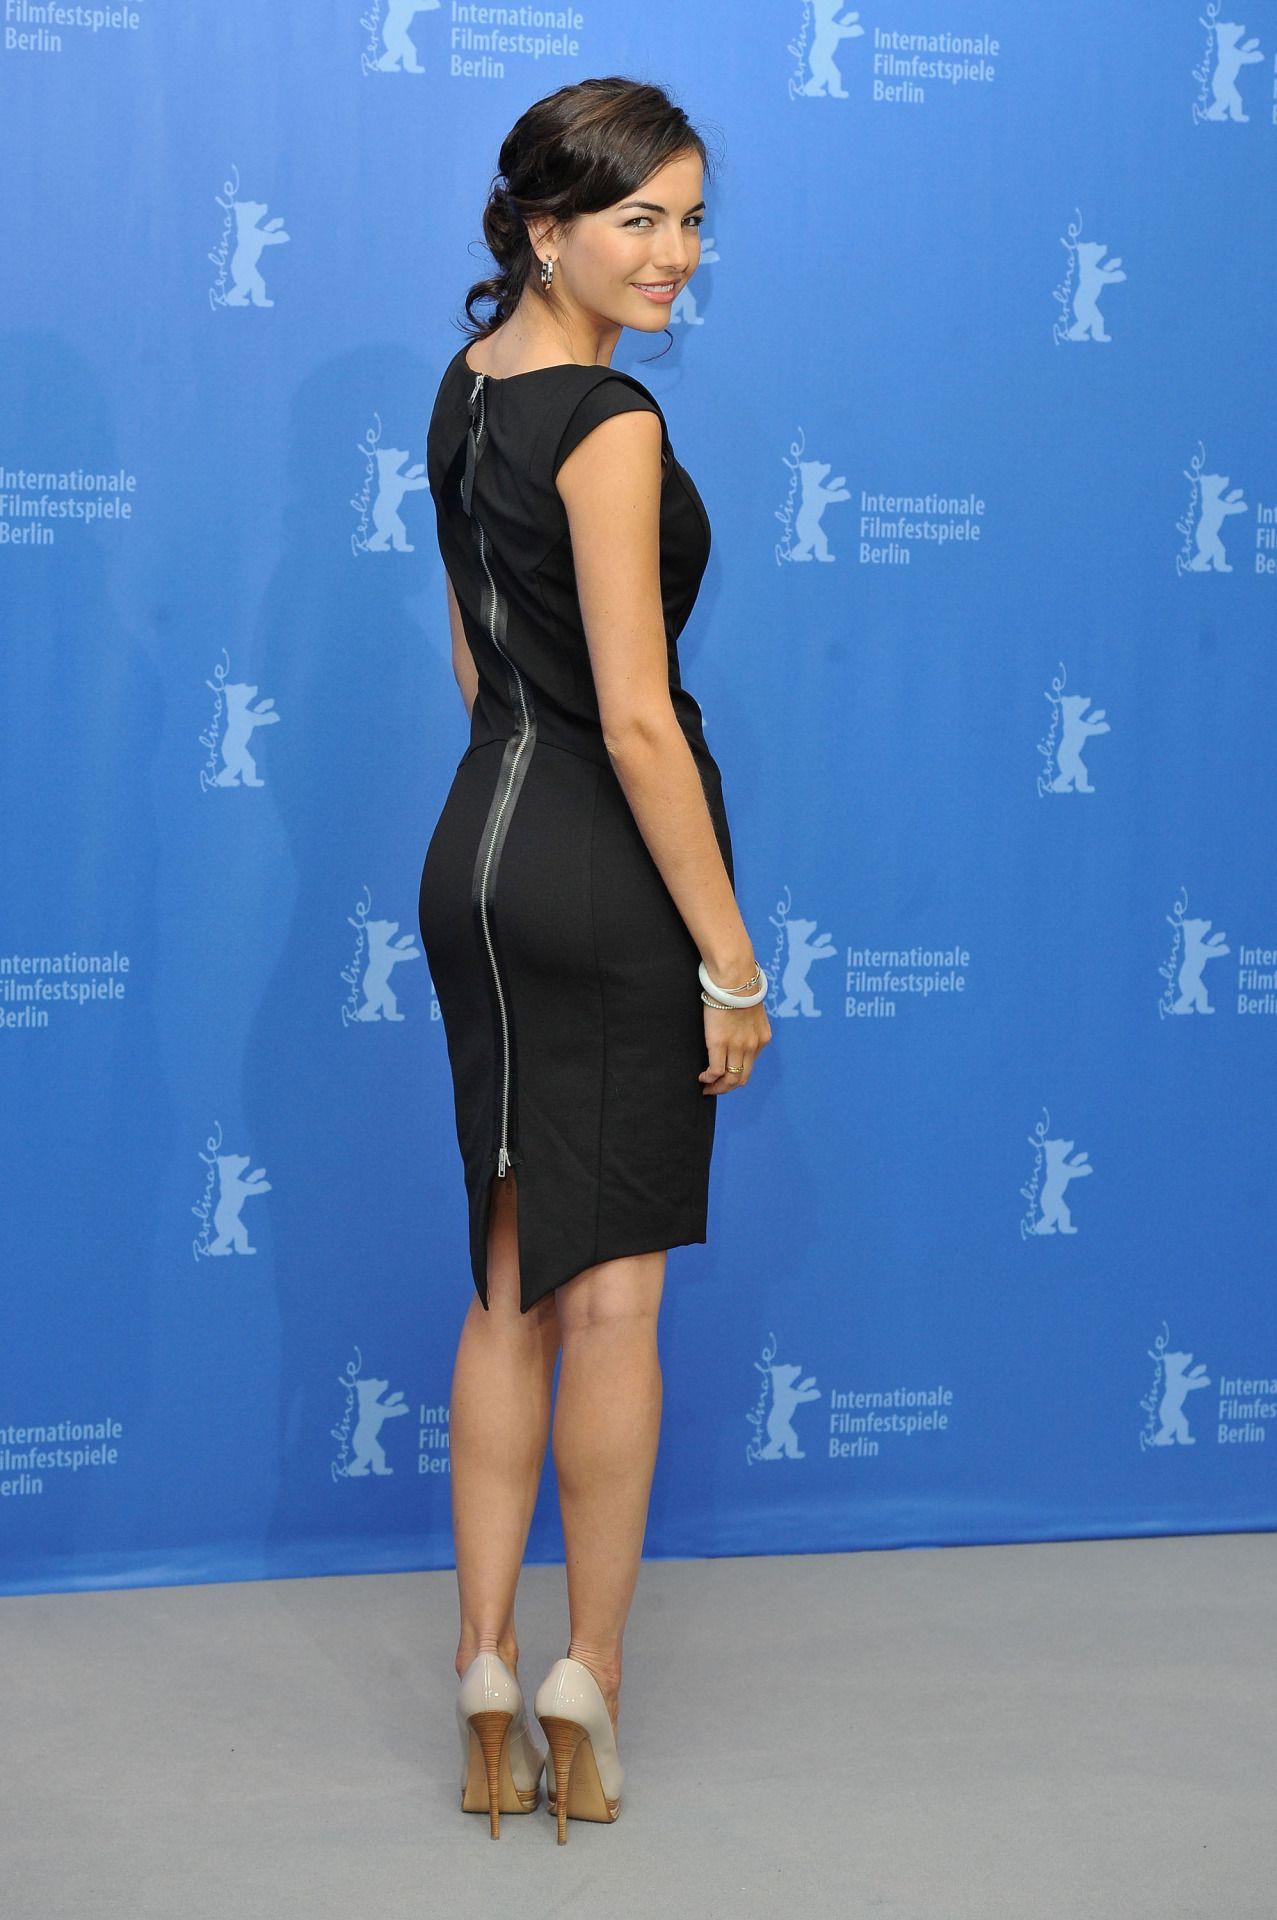 Camilla belle hot ass